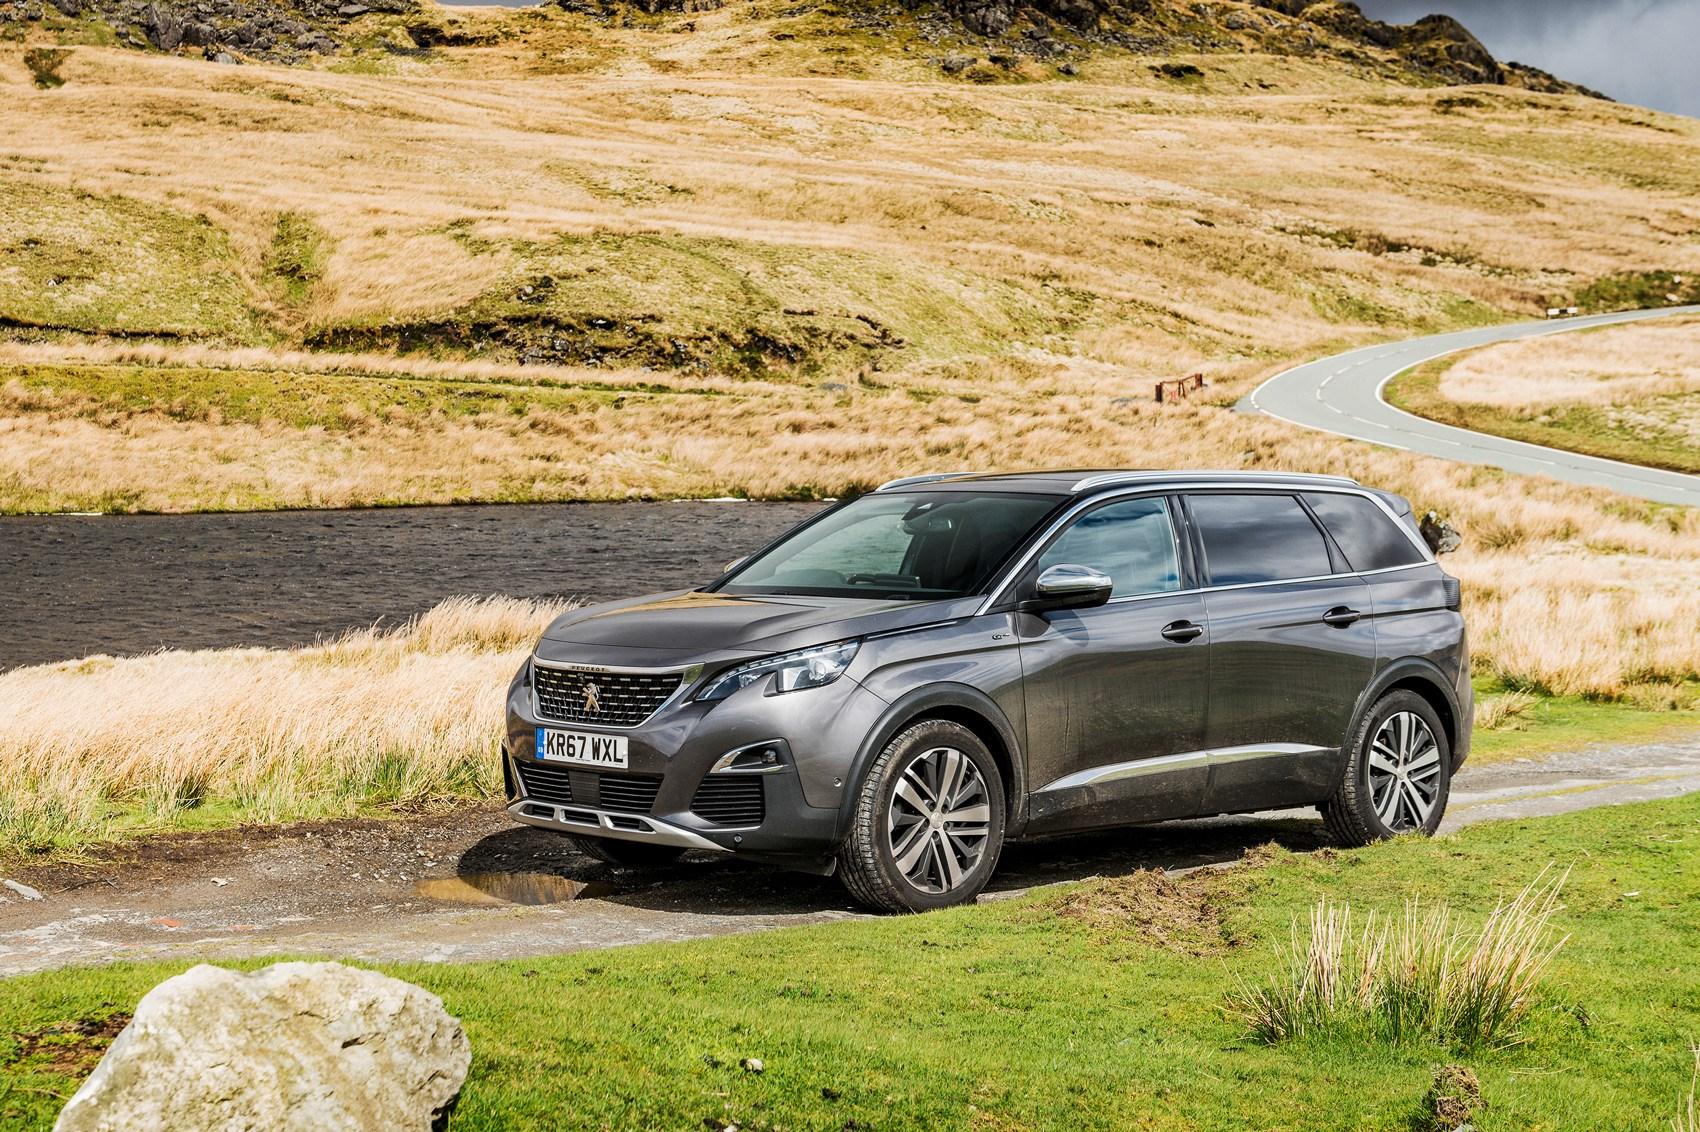 Peugeot 5008 (2018) Long-term Test Review